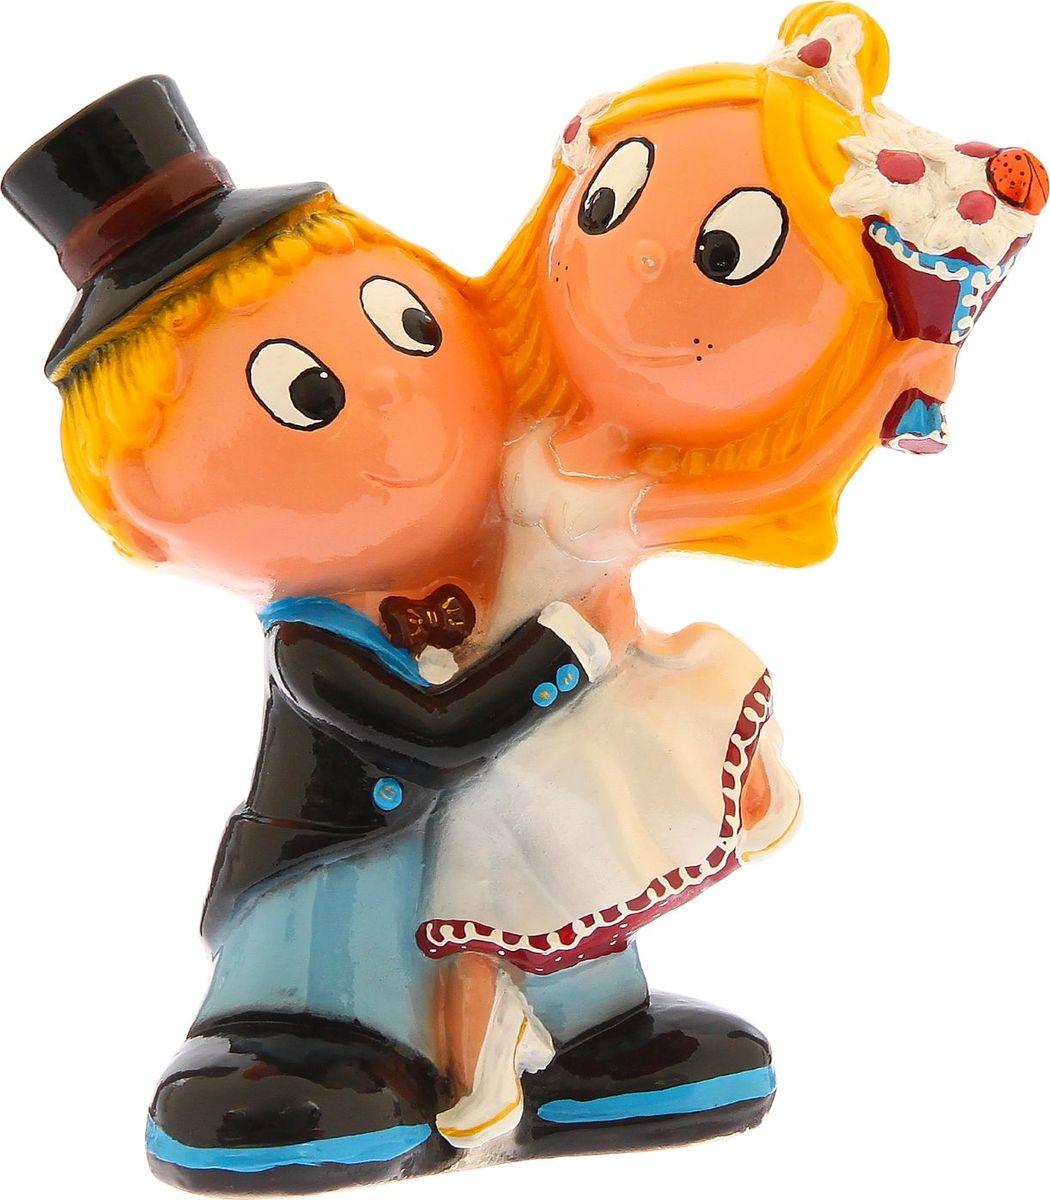 Копилка Керамика ручной работы Жених и невеста, 14 х 22 х 28 см1235138Копилка Жених и невеста — отличный подарок на профессиональный праздник или день рождения. Забавный небольшой сувенир вызовет искреннюю улыбку у ваших коллег, друзей и родных.Обращаем ваше внимание, что копилка является одноразовой.